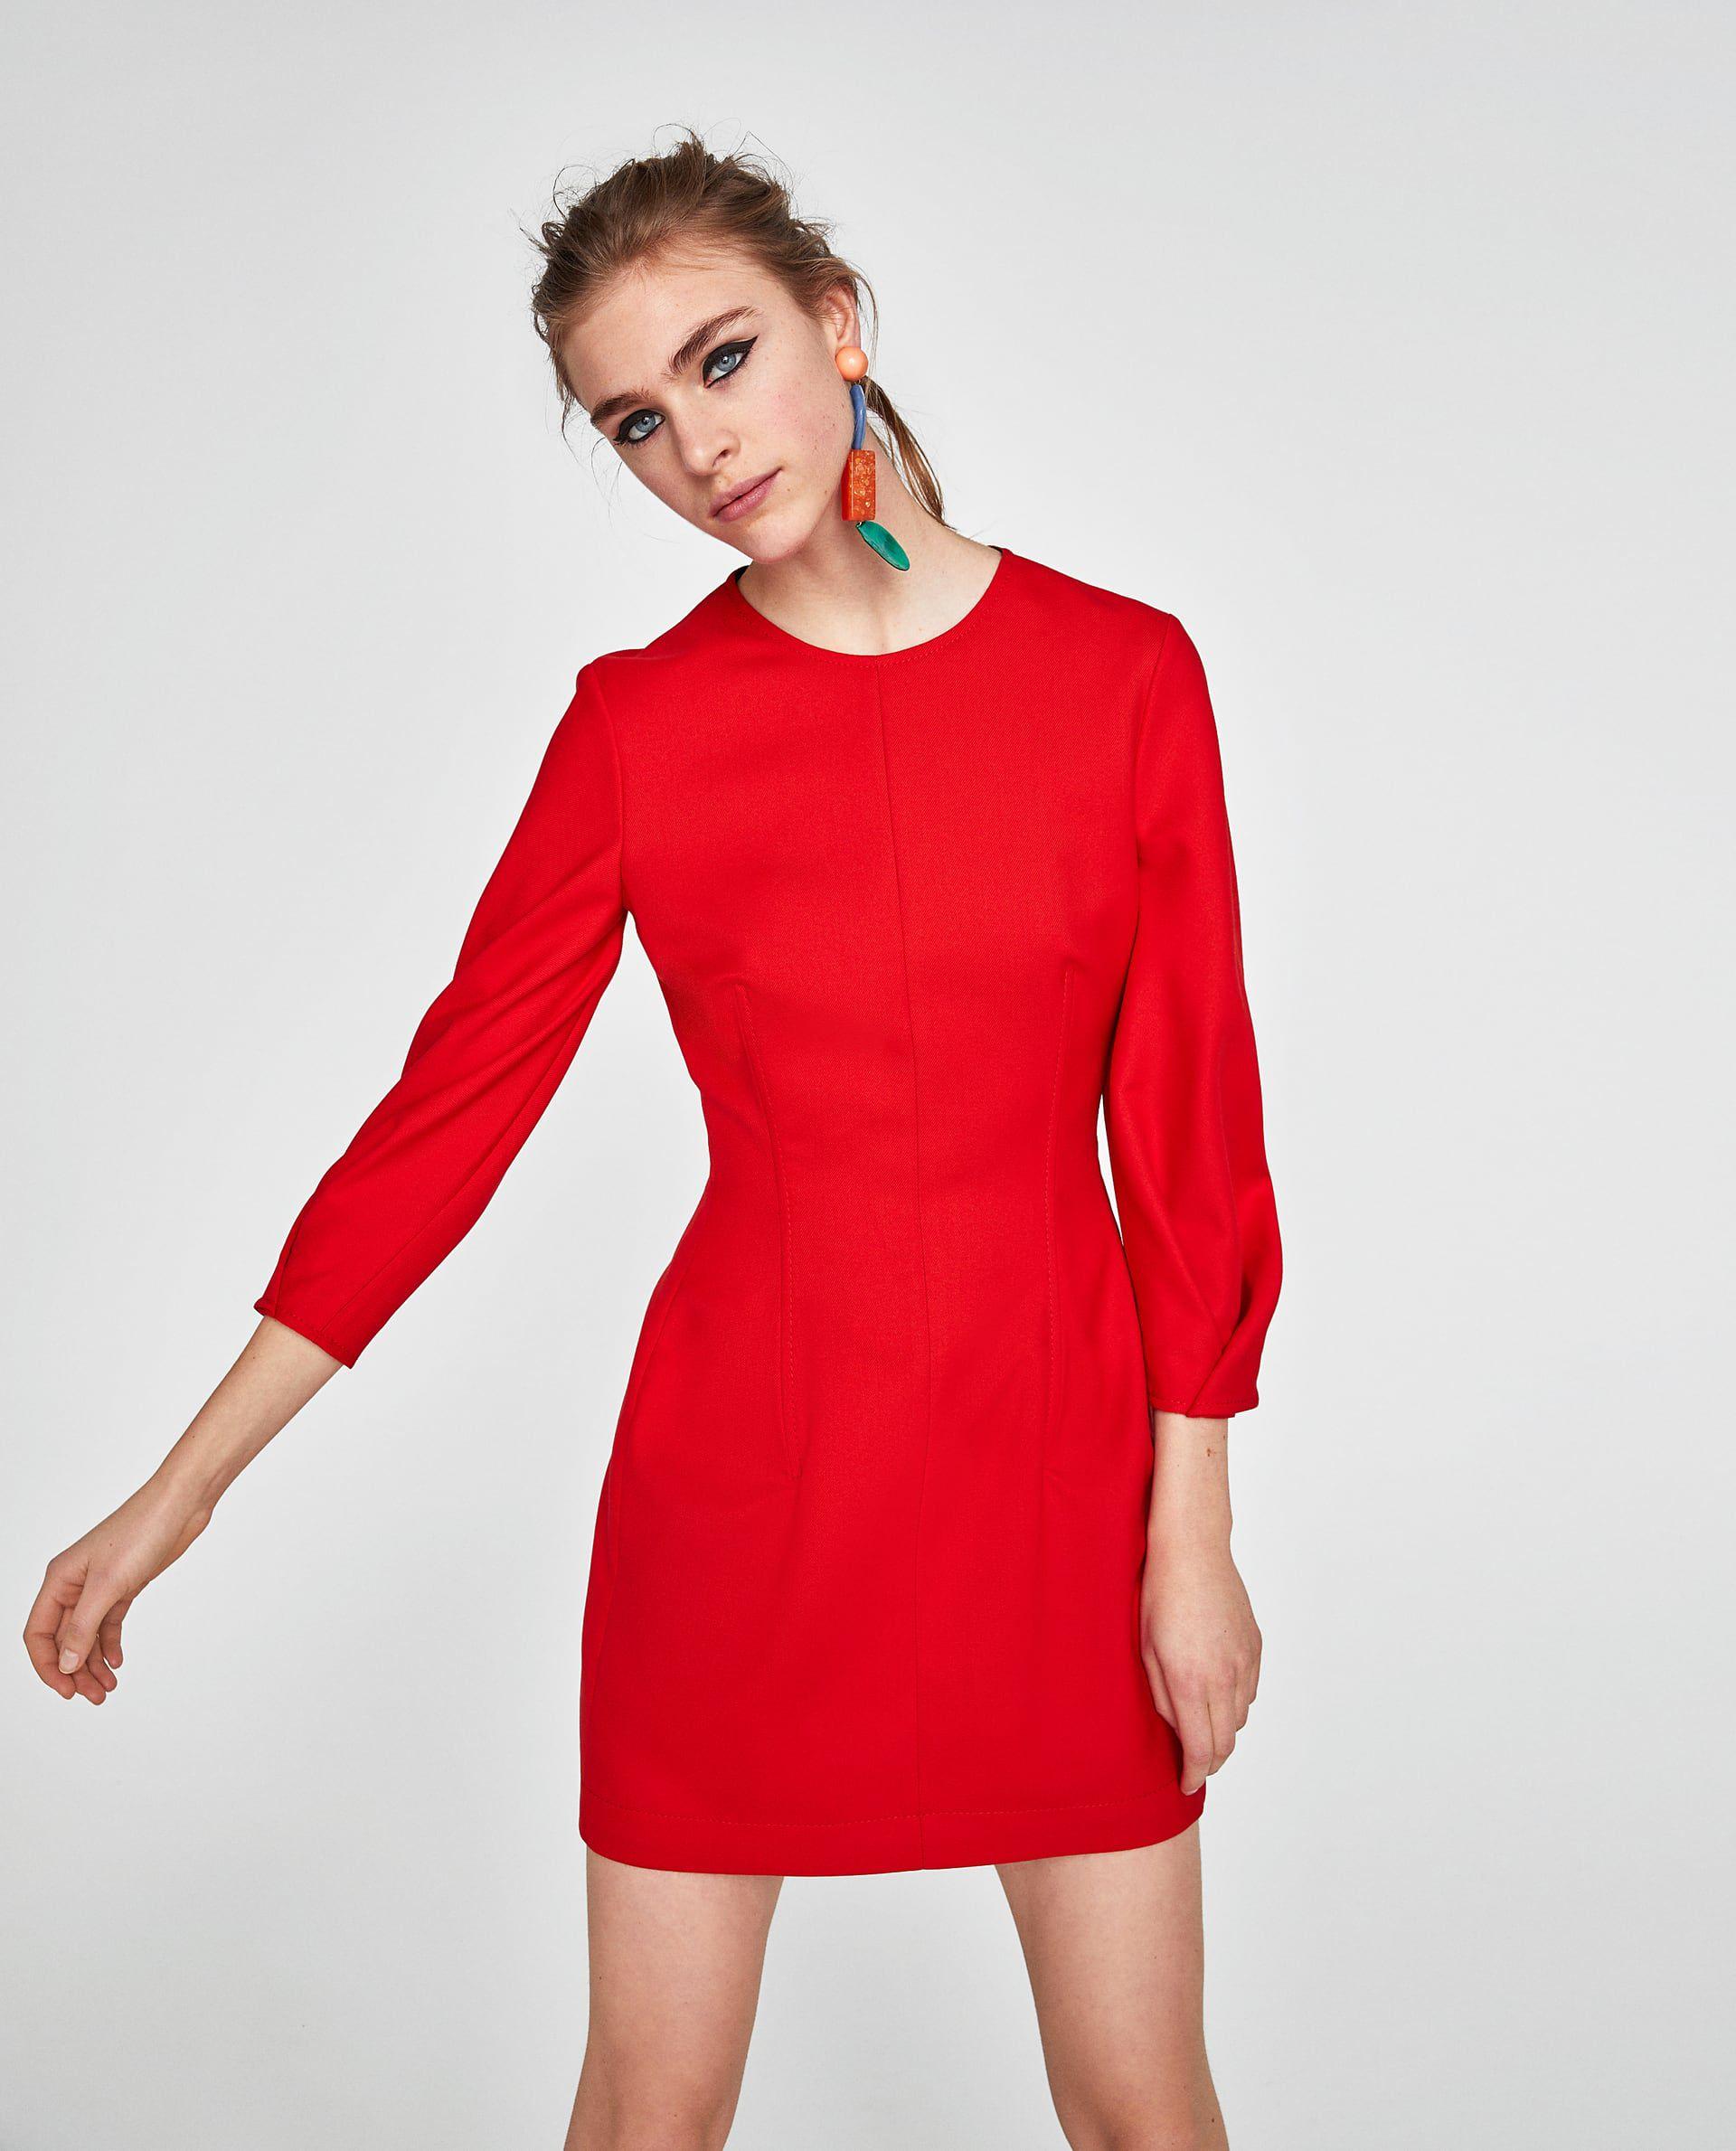 Pet last minute crvenih haljina za Valentinovo